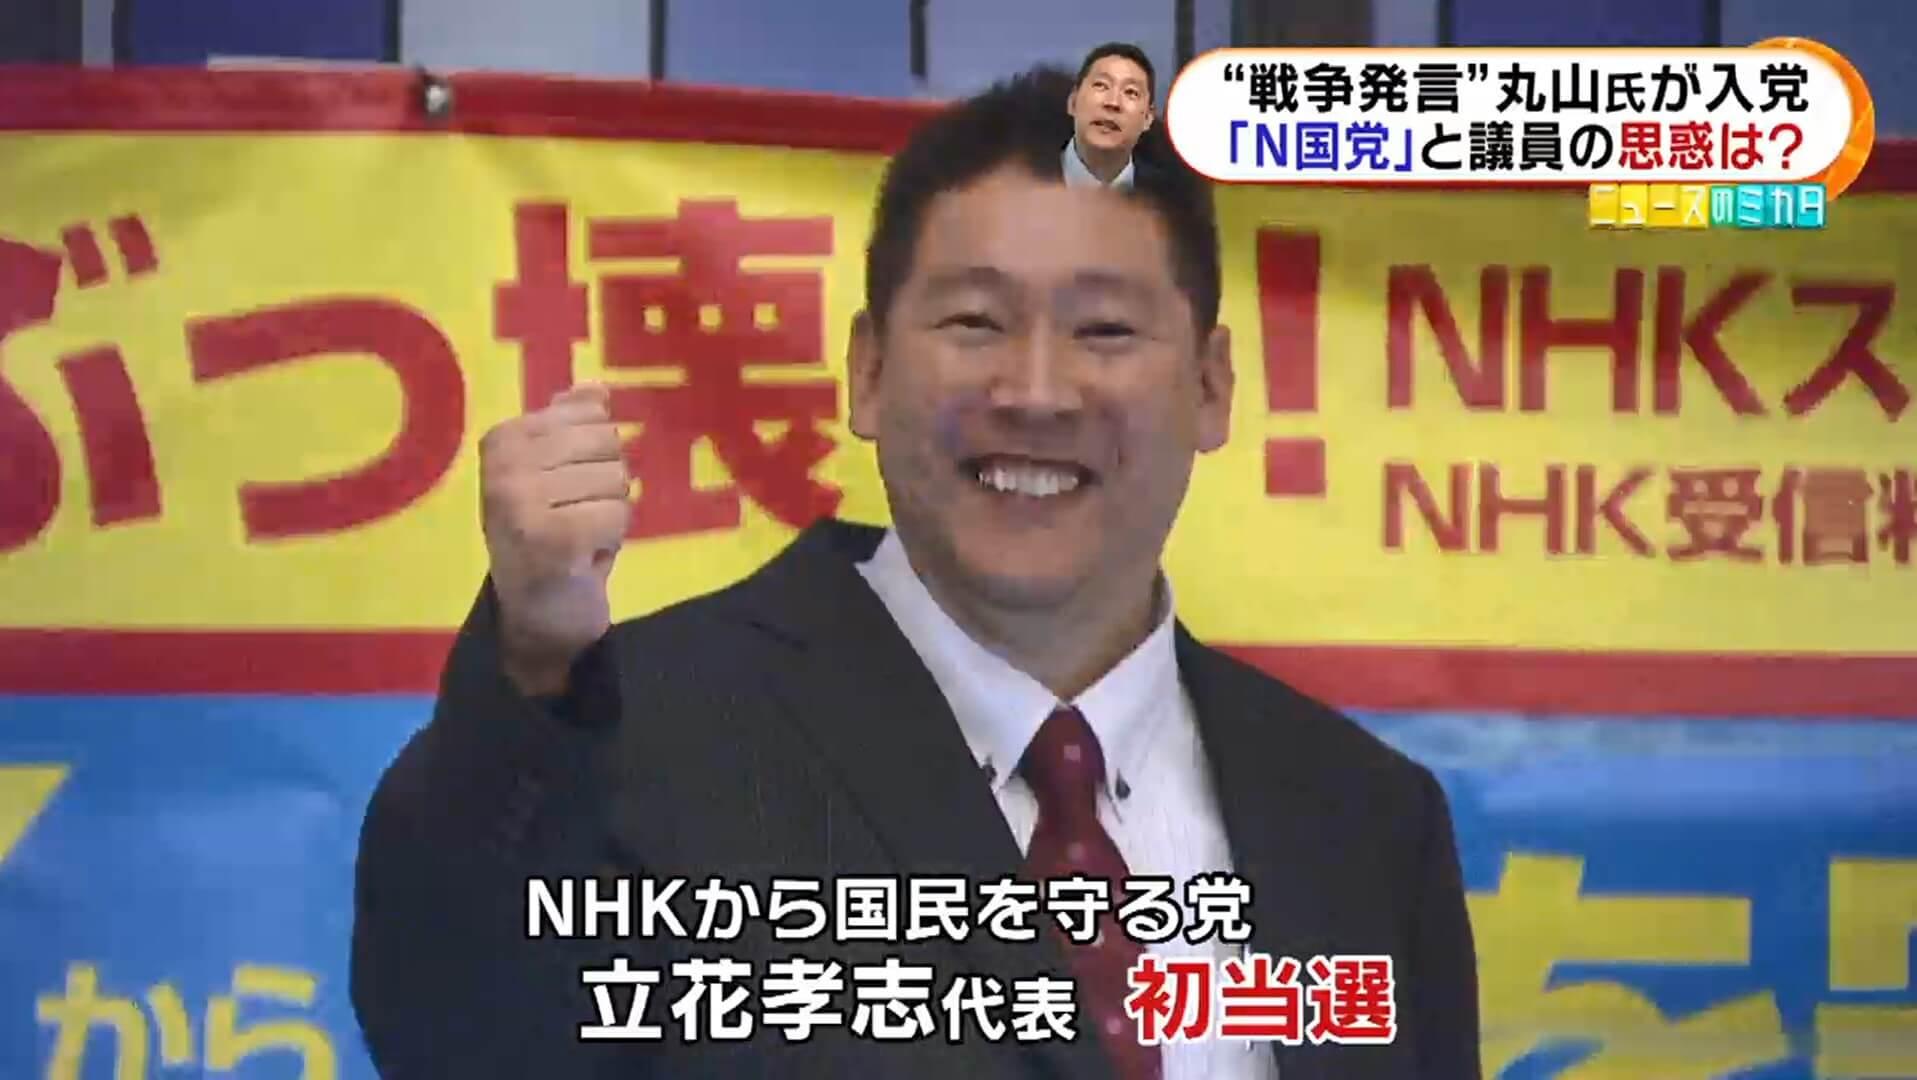 NHKから国民を守る党